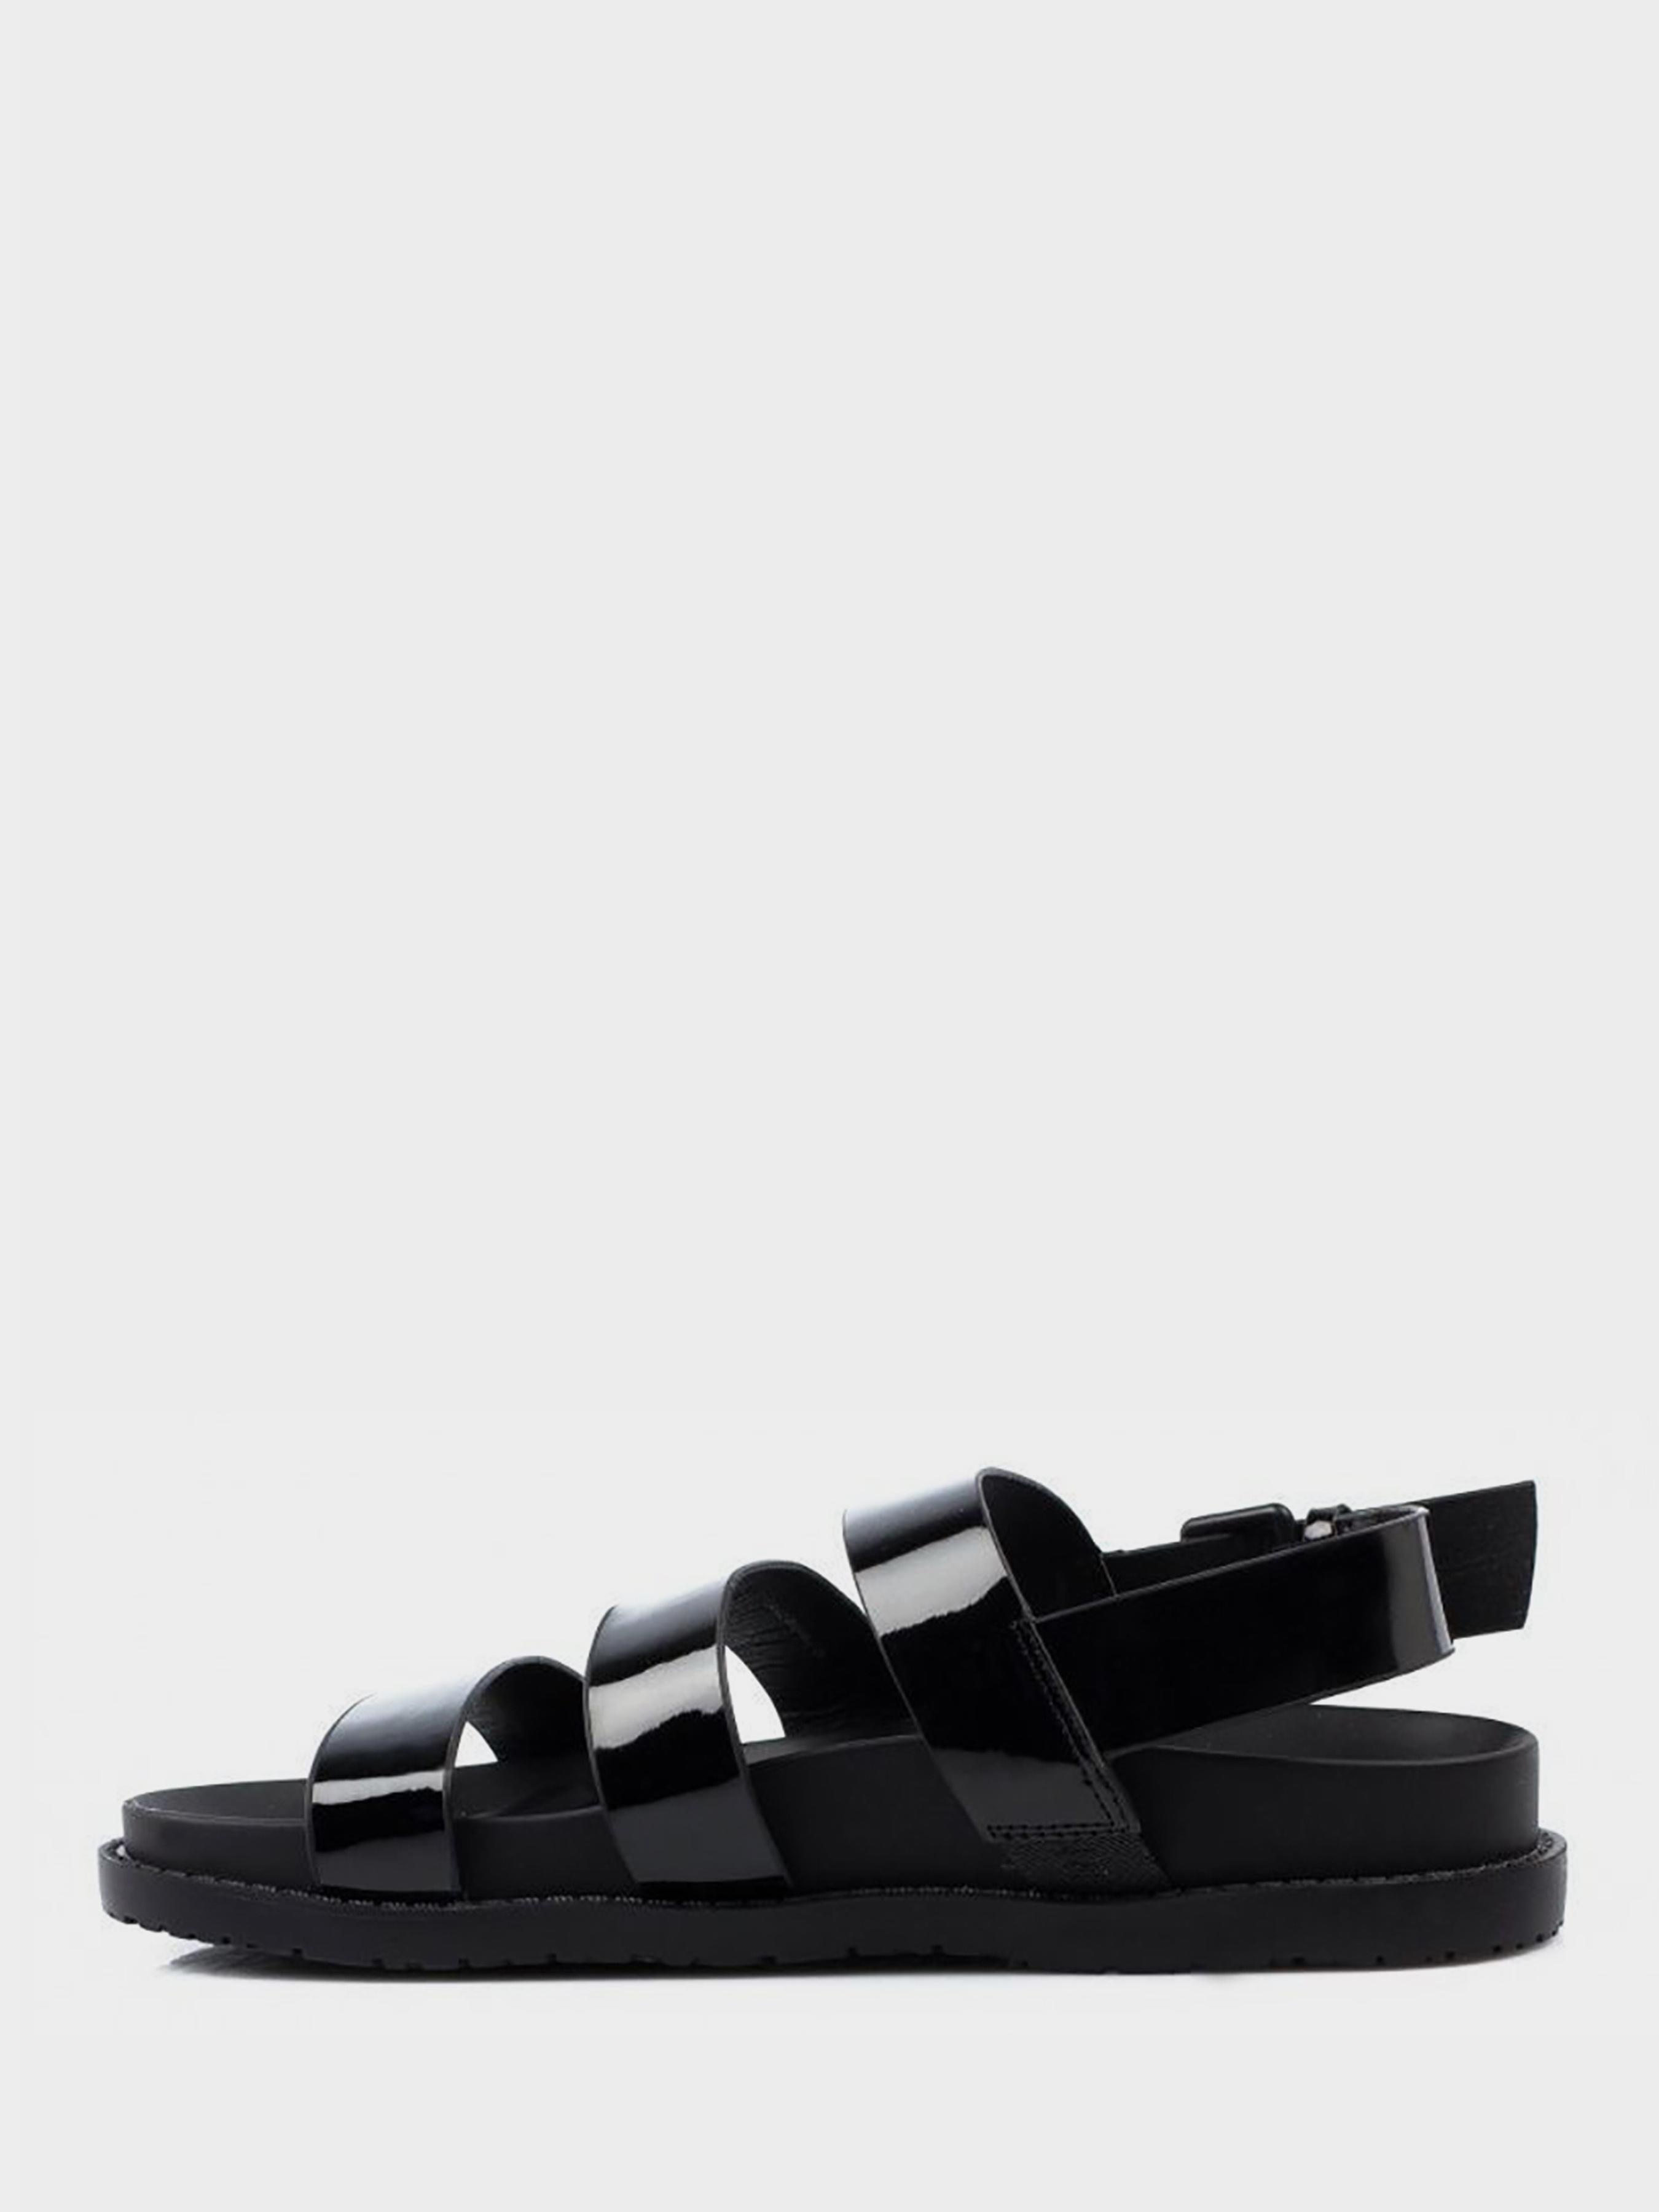 Сандалии для женщин BLINK BL1802 размерная сетка обуви, 2017